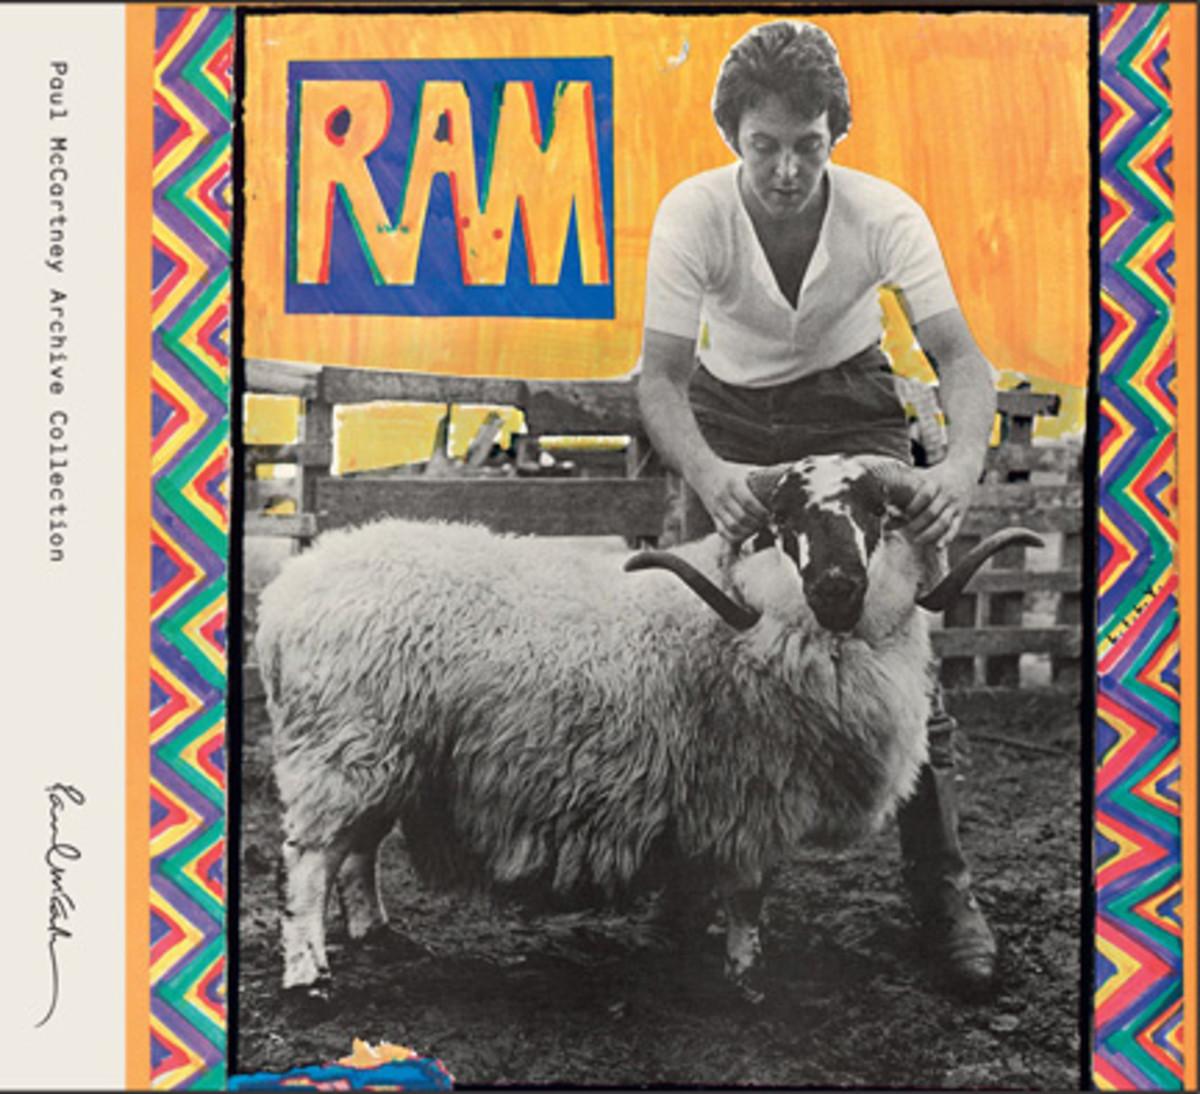 Paul McCartney Ram album